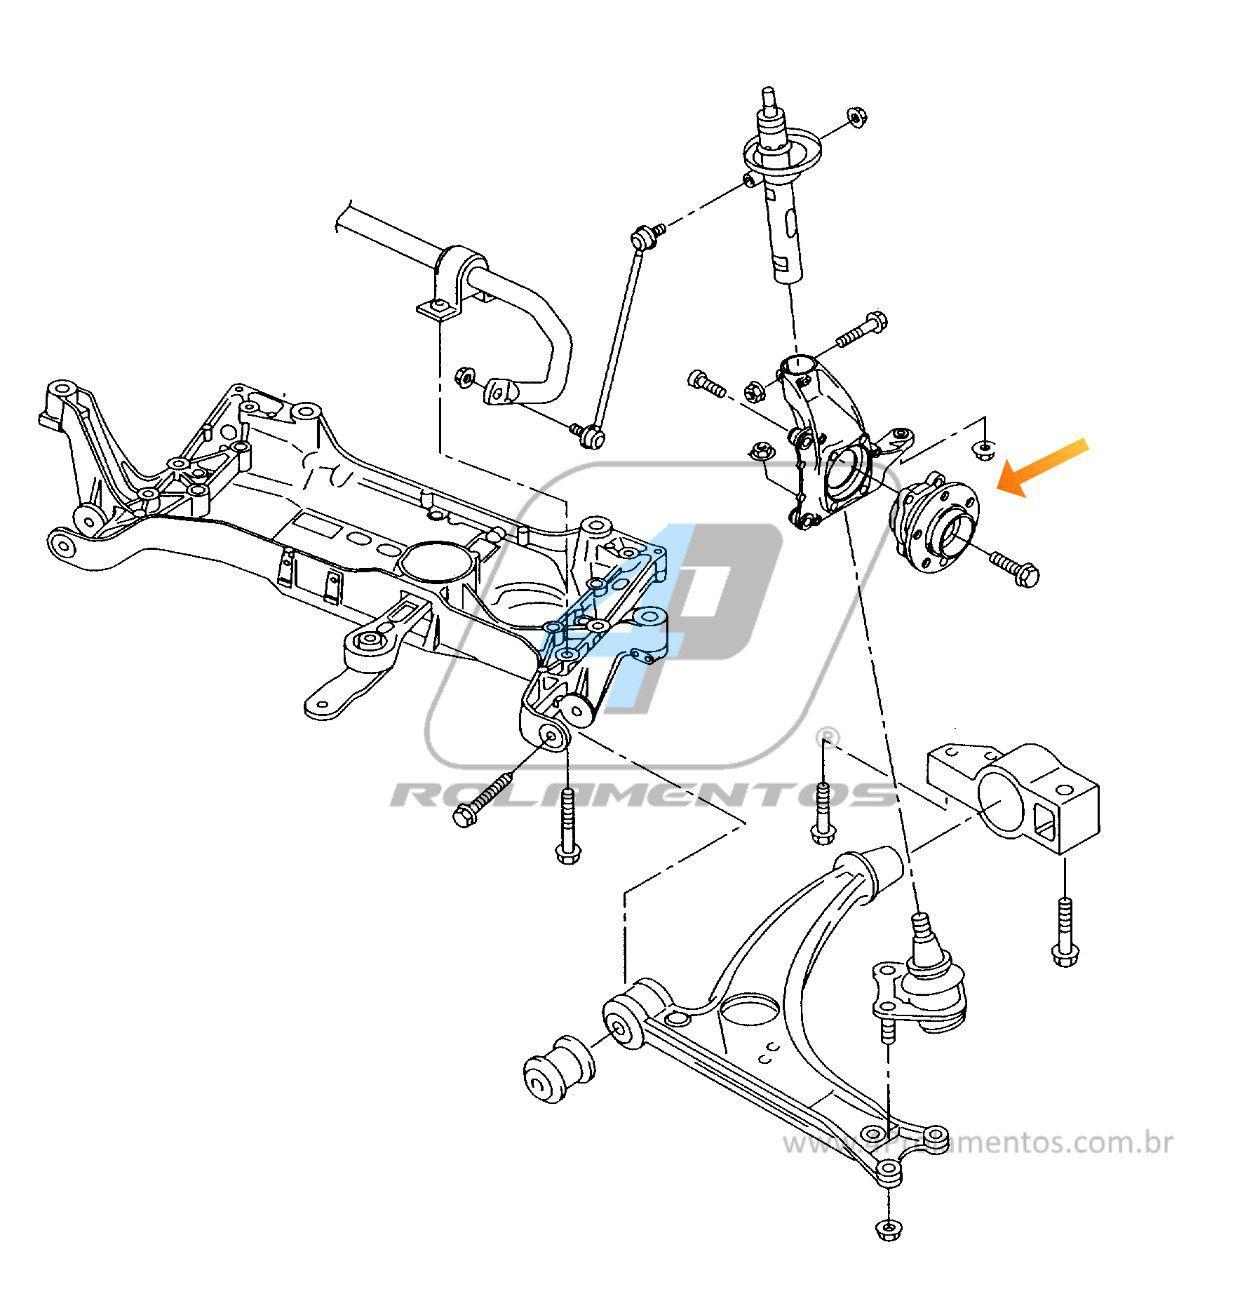 Cubo de Roda traseira VW Tiguan 4Motion de 2007 até 2018